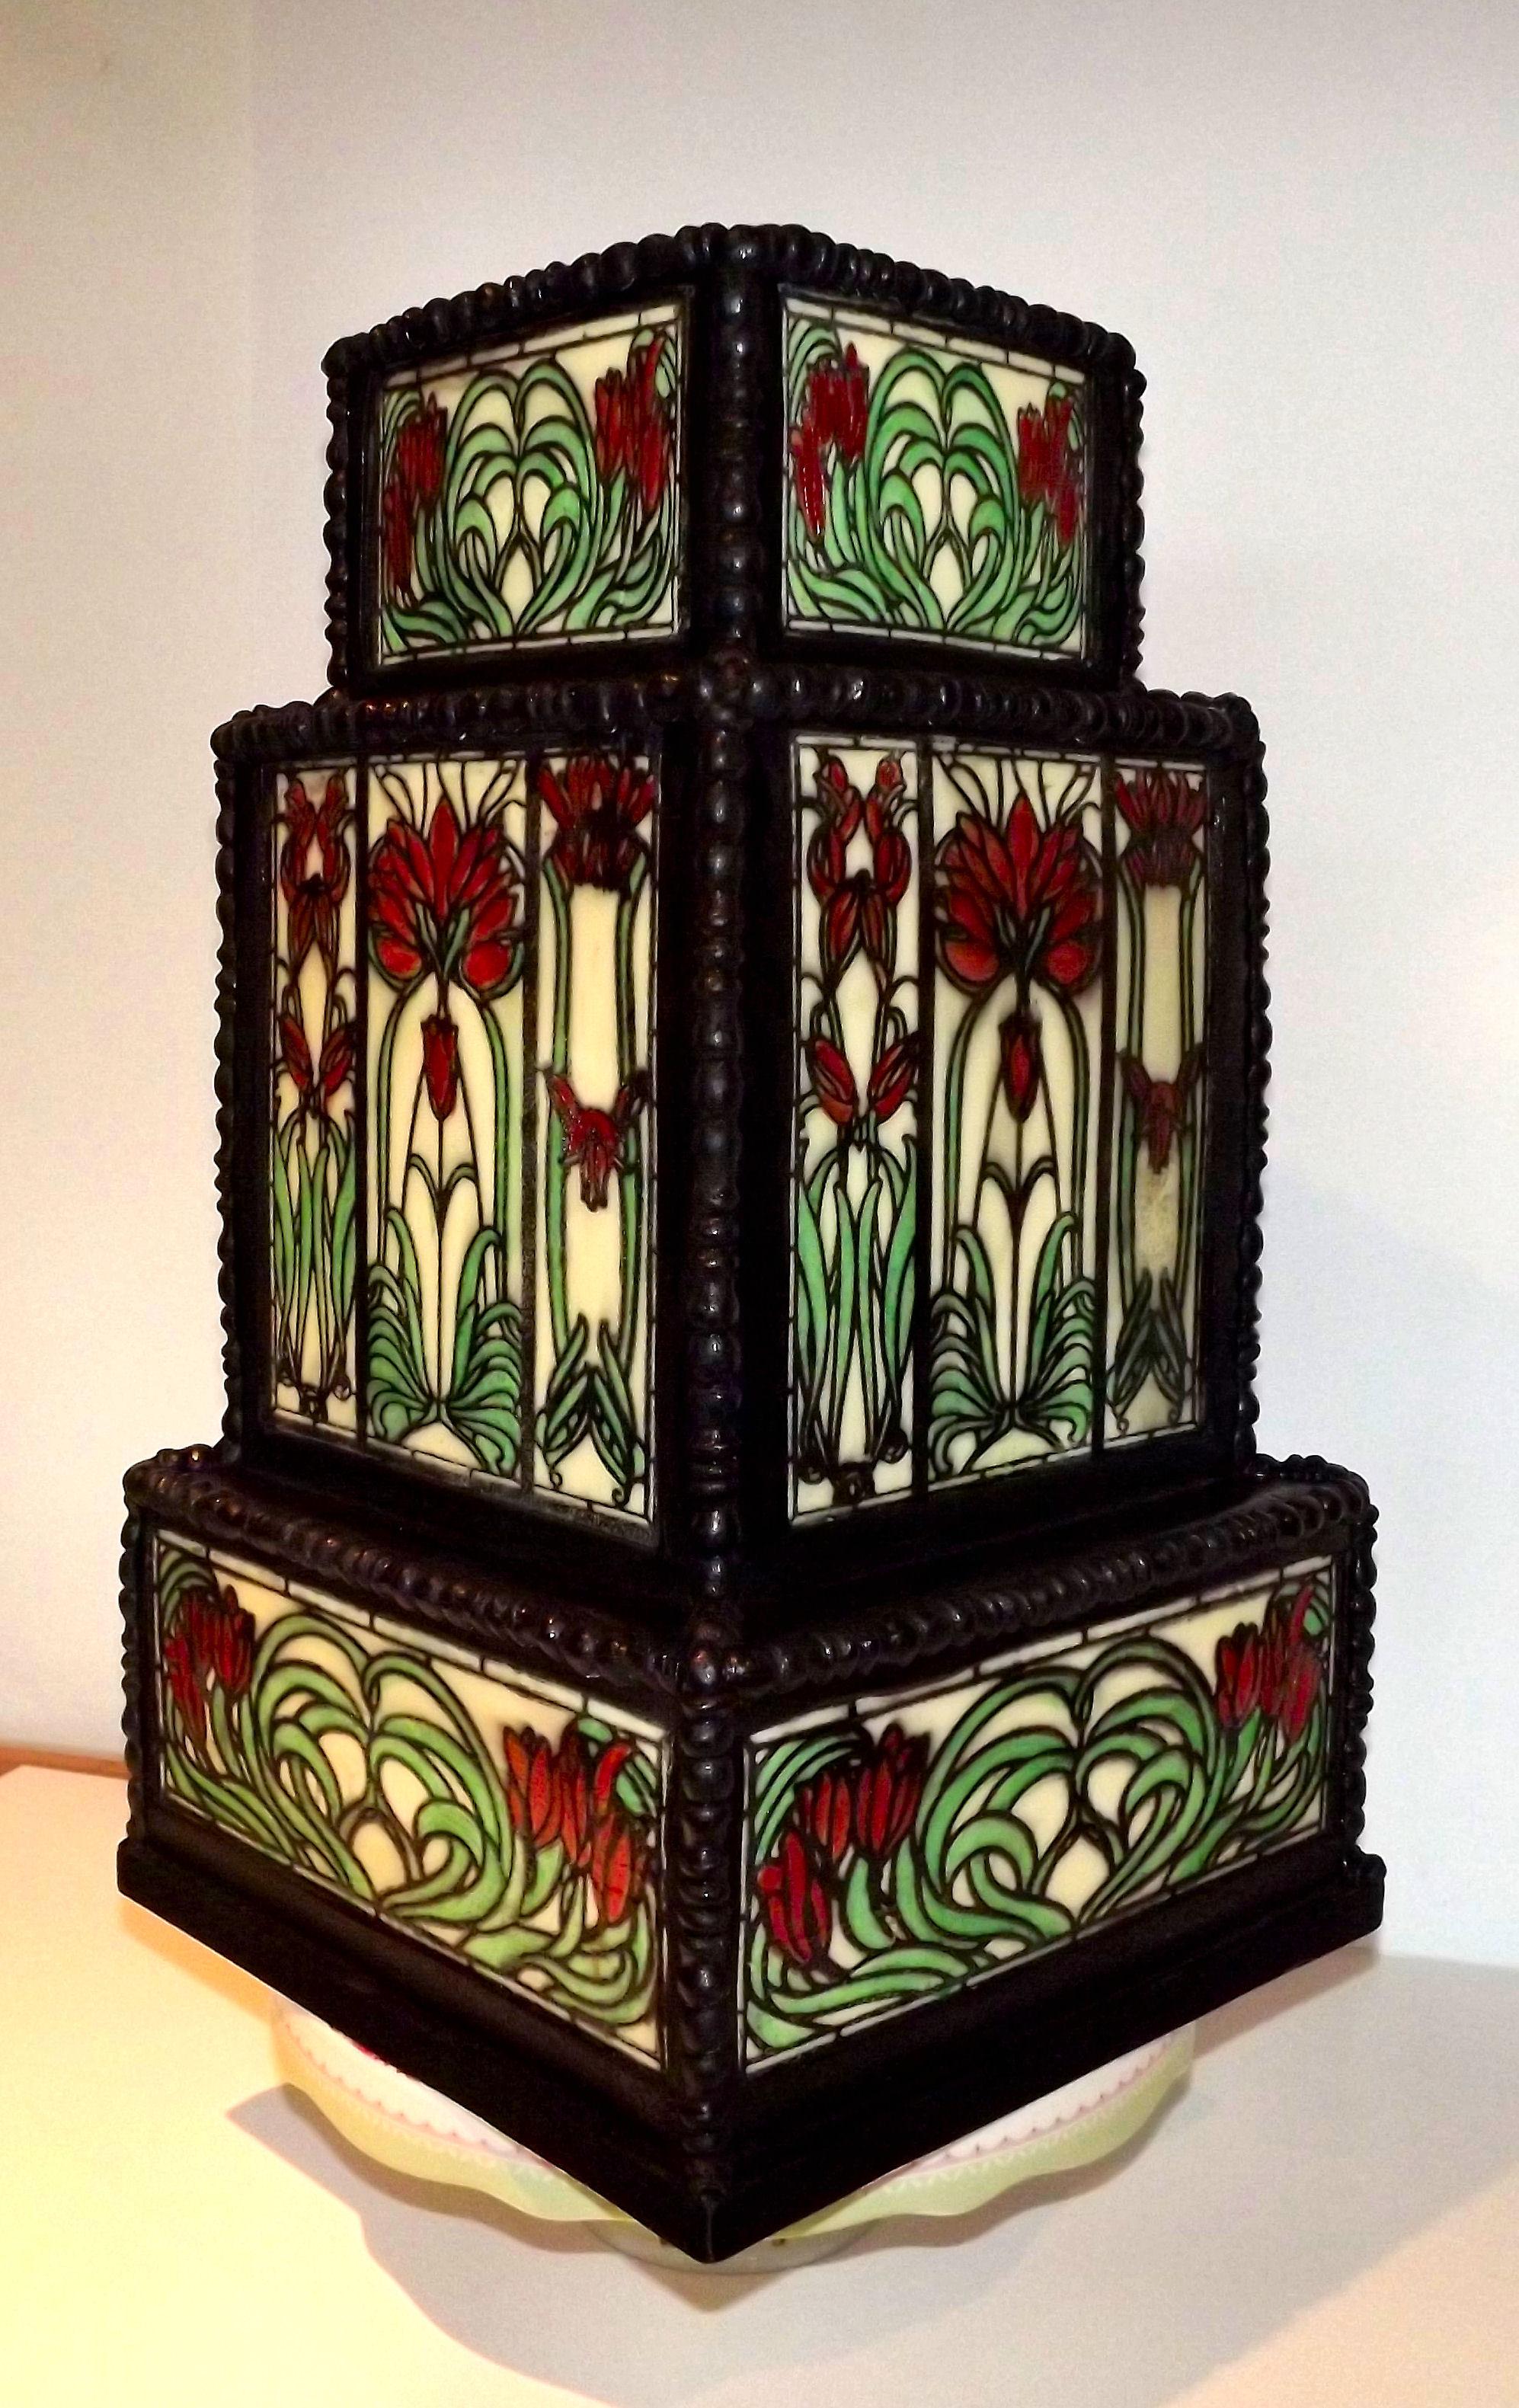 stain glass wedding cake